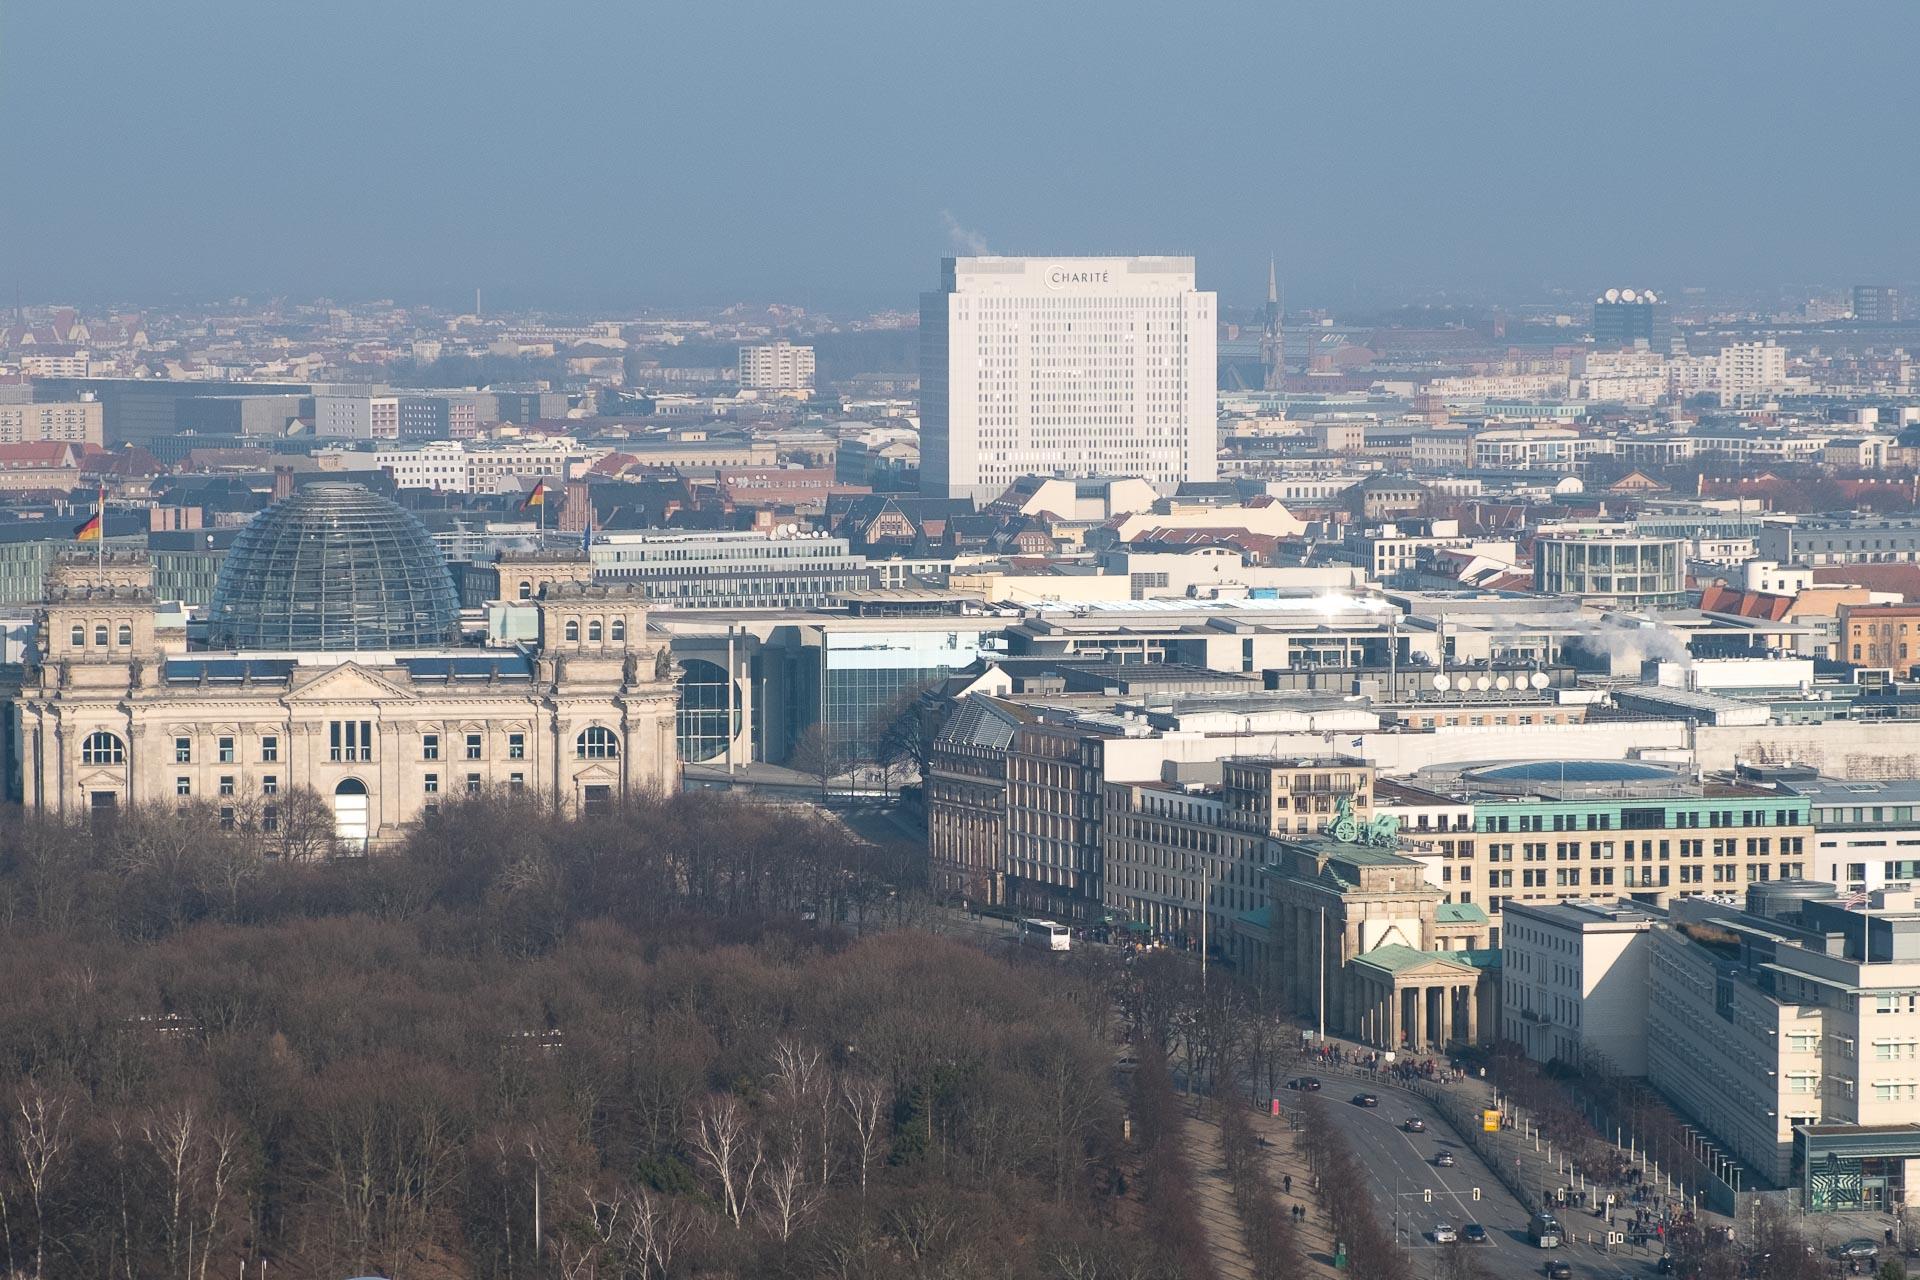 Reichstag & Brandenburger Tor